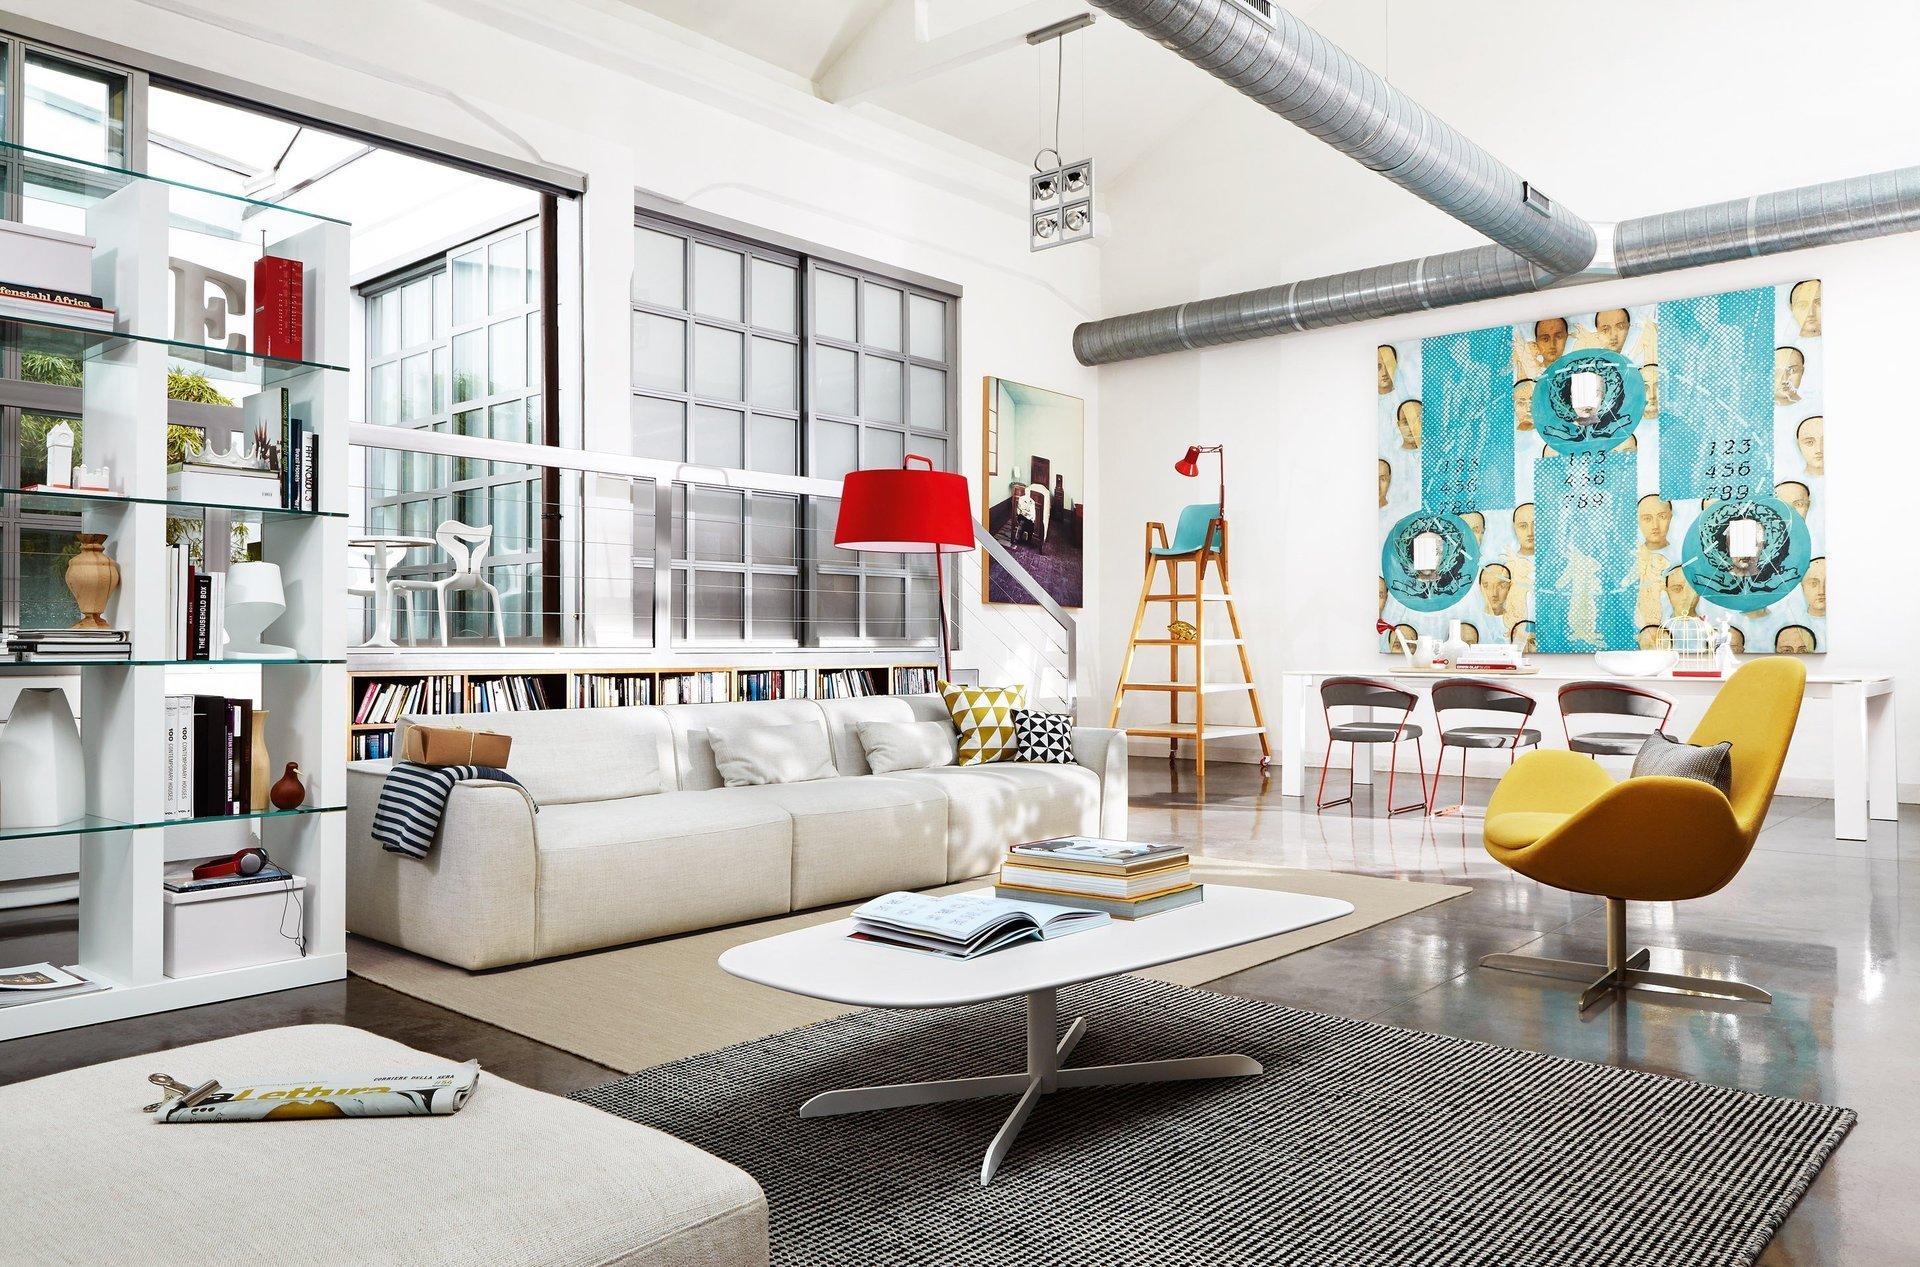 Montella prisma arredo arredamento e mobili per la casa for Calligaris poltrone